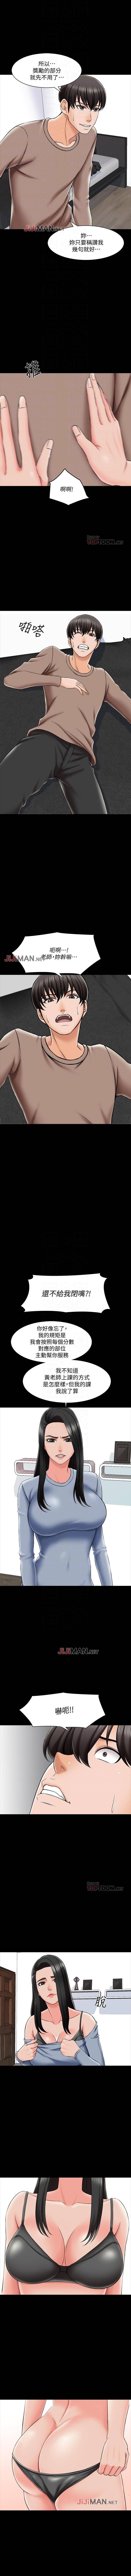 【周一连载】家教老师(作者: CreamMedia) 第1~43话 151